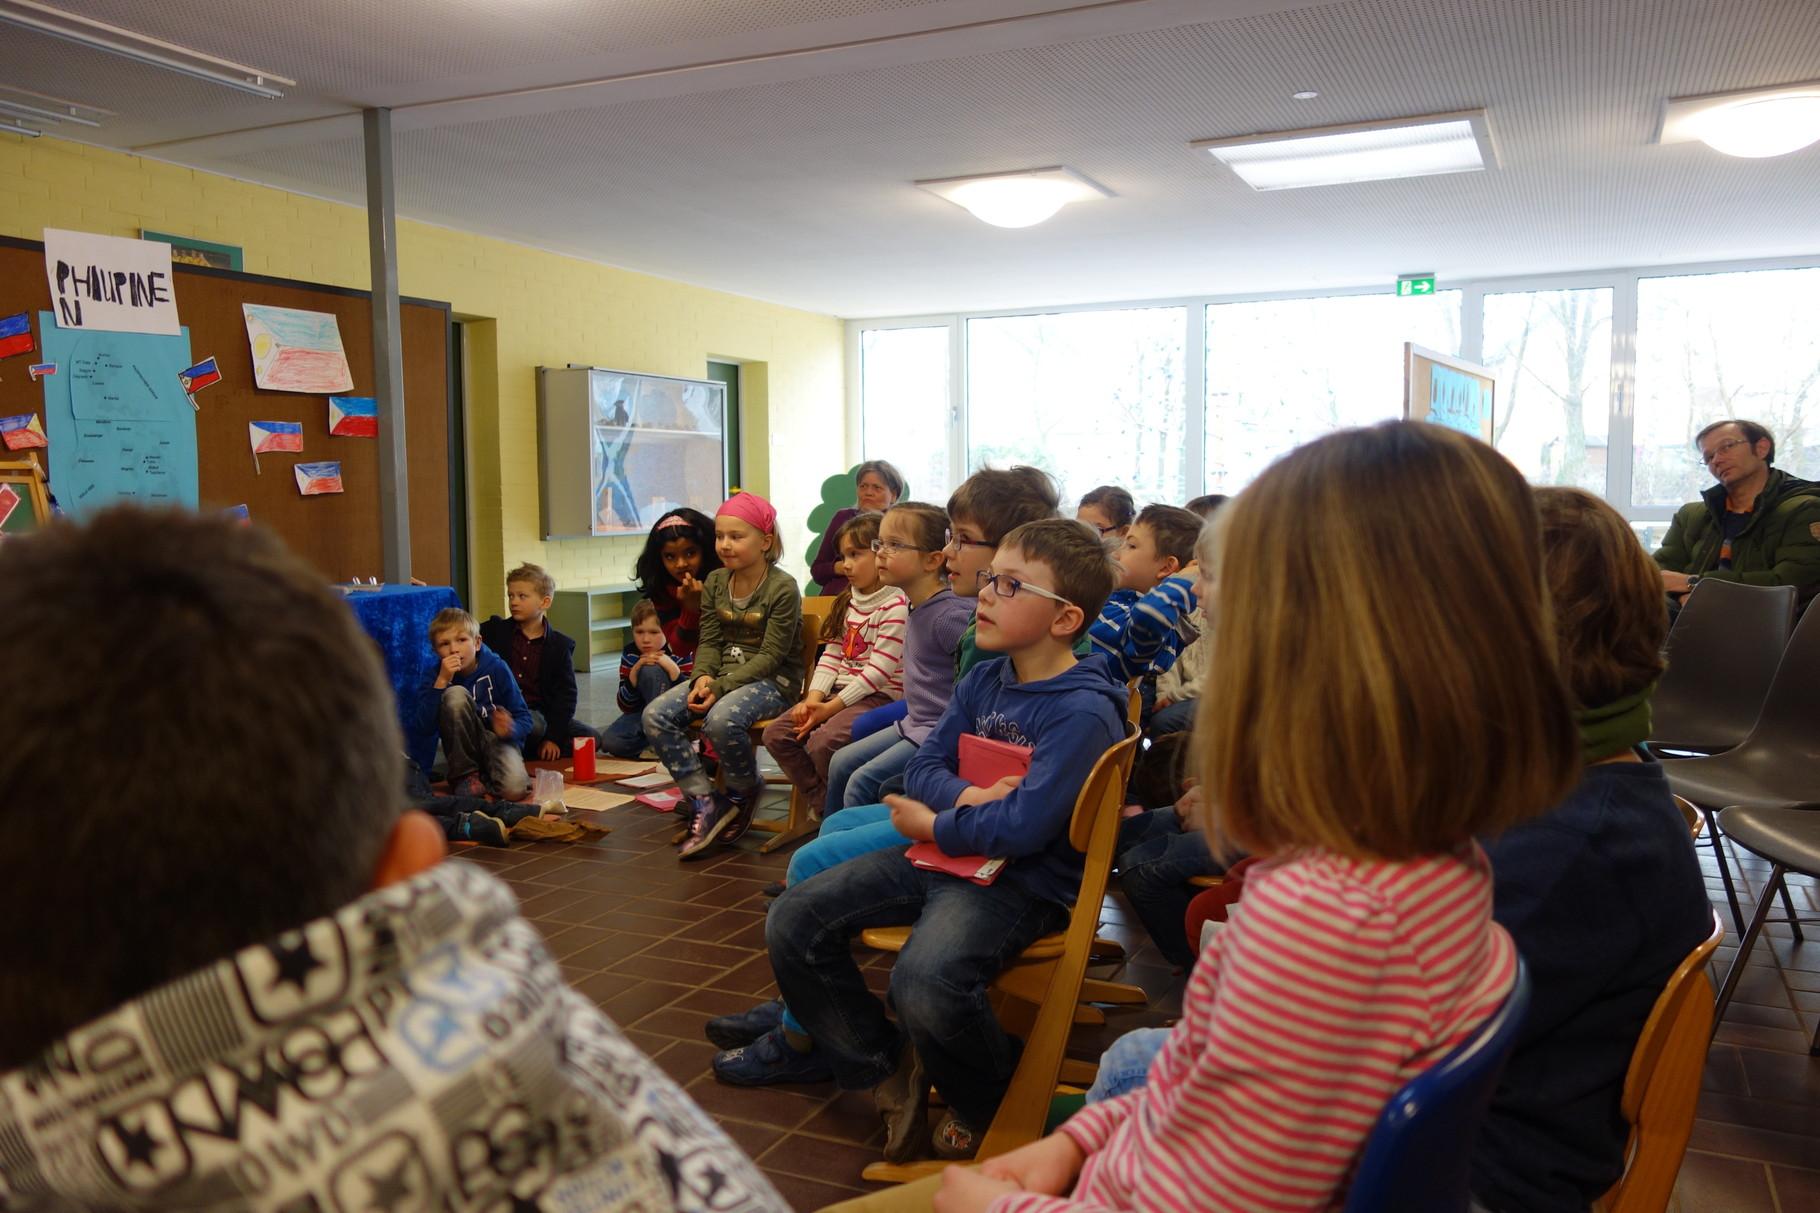 Ostergottesdienst 2015 Niels-Stensen Grundschule Hameln